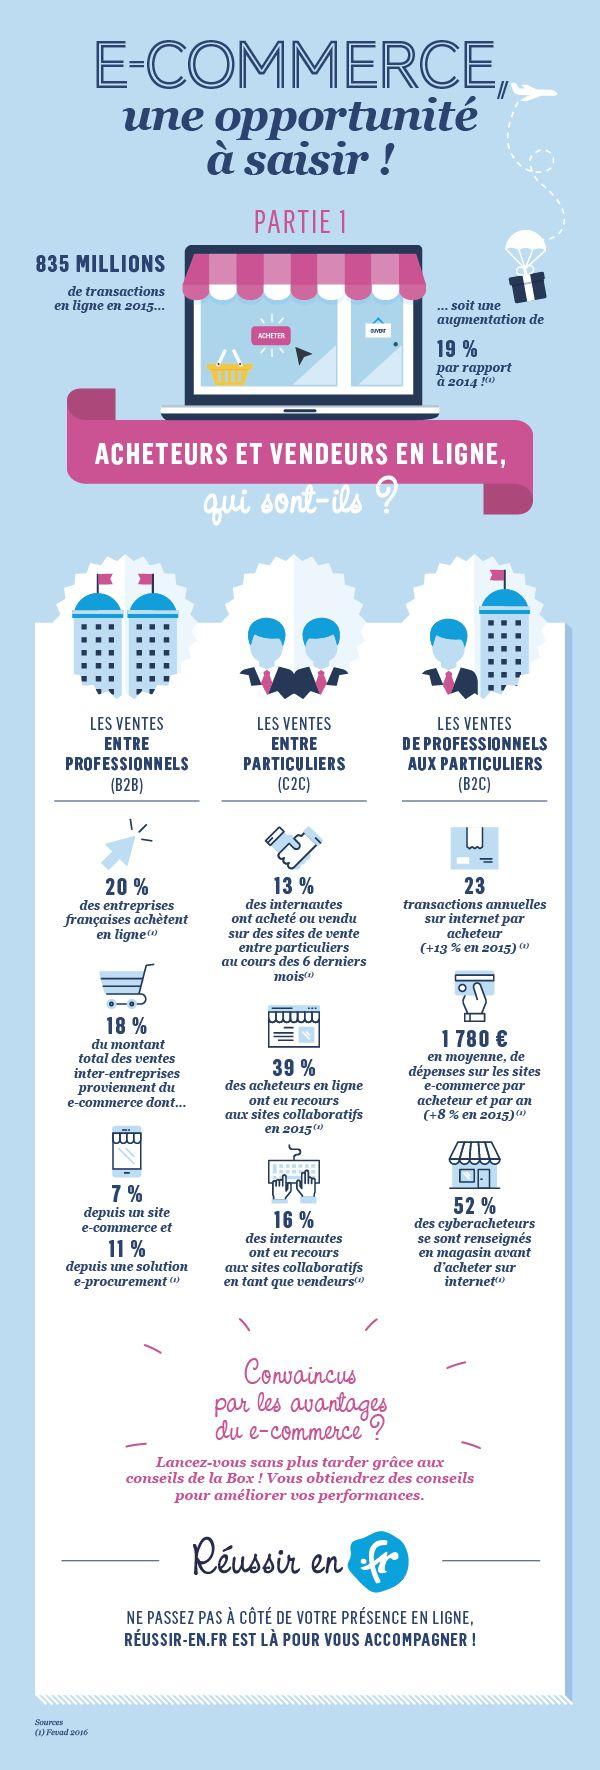 E-commerce : acheteurs et vendeurs en ligne, qui sont-ils ?